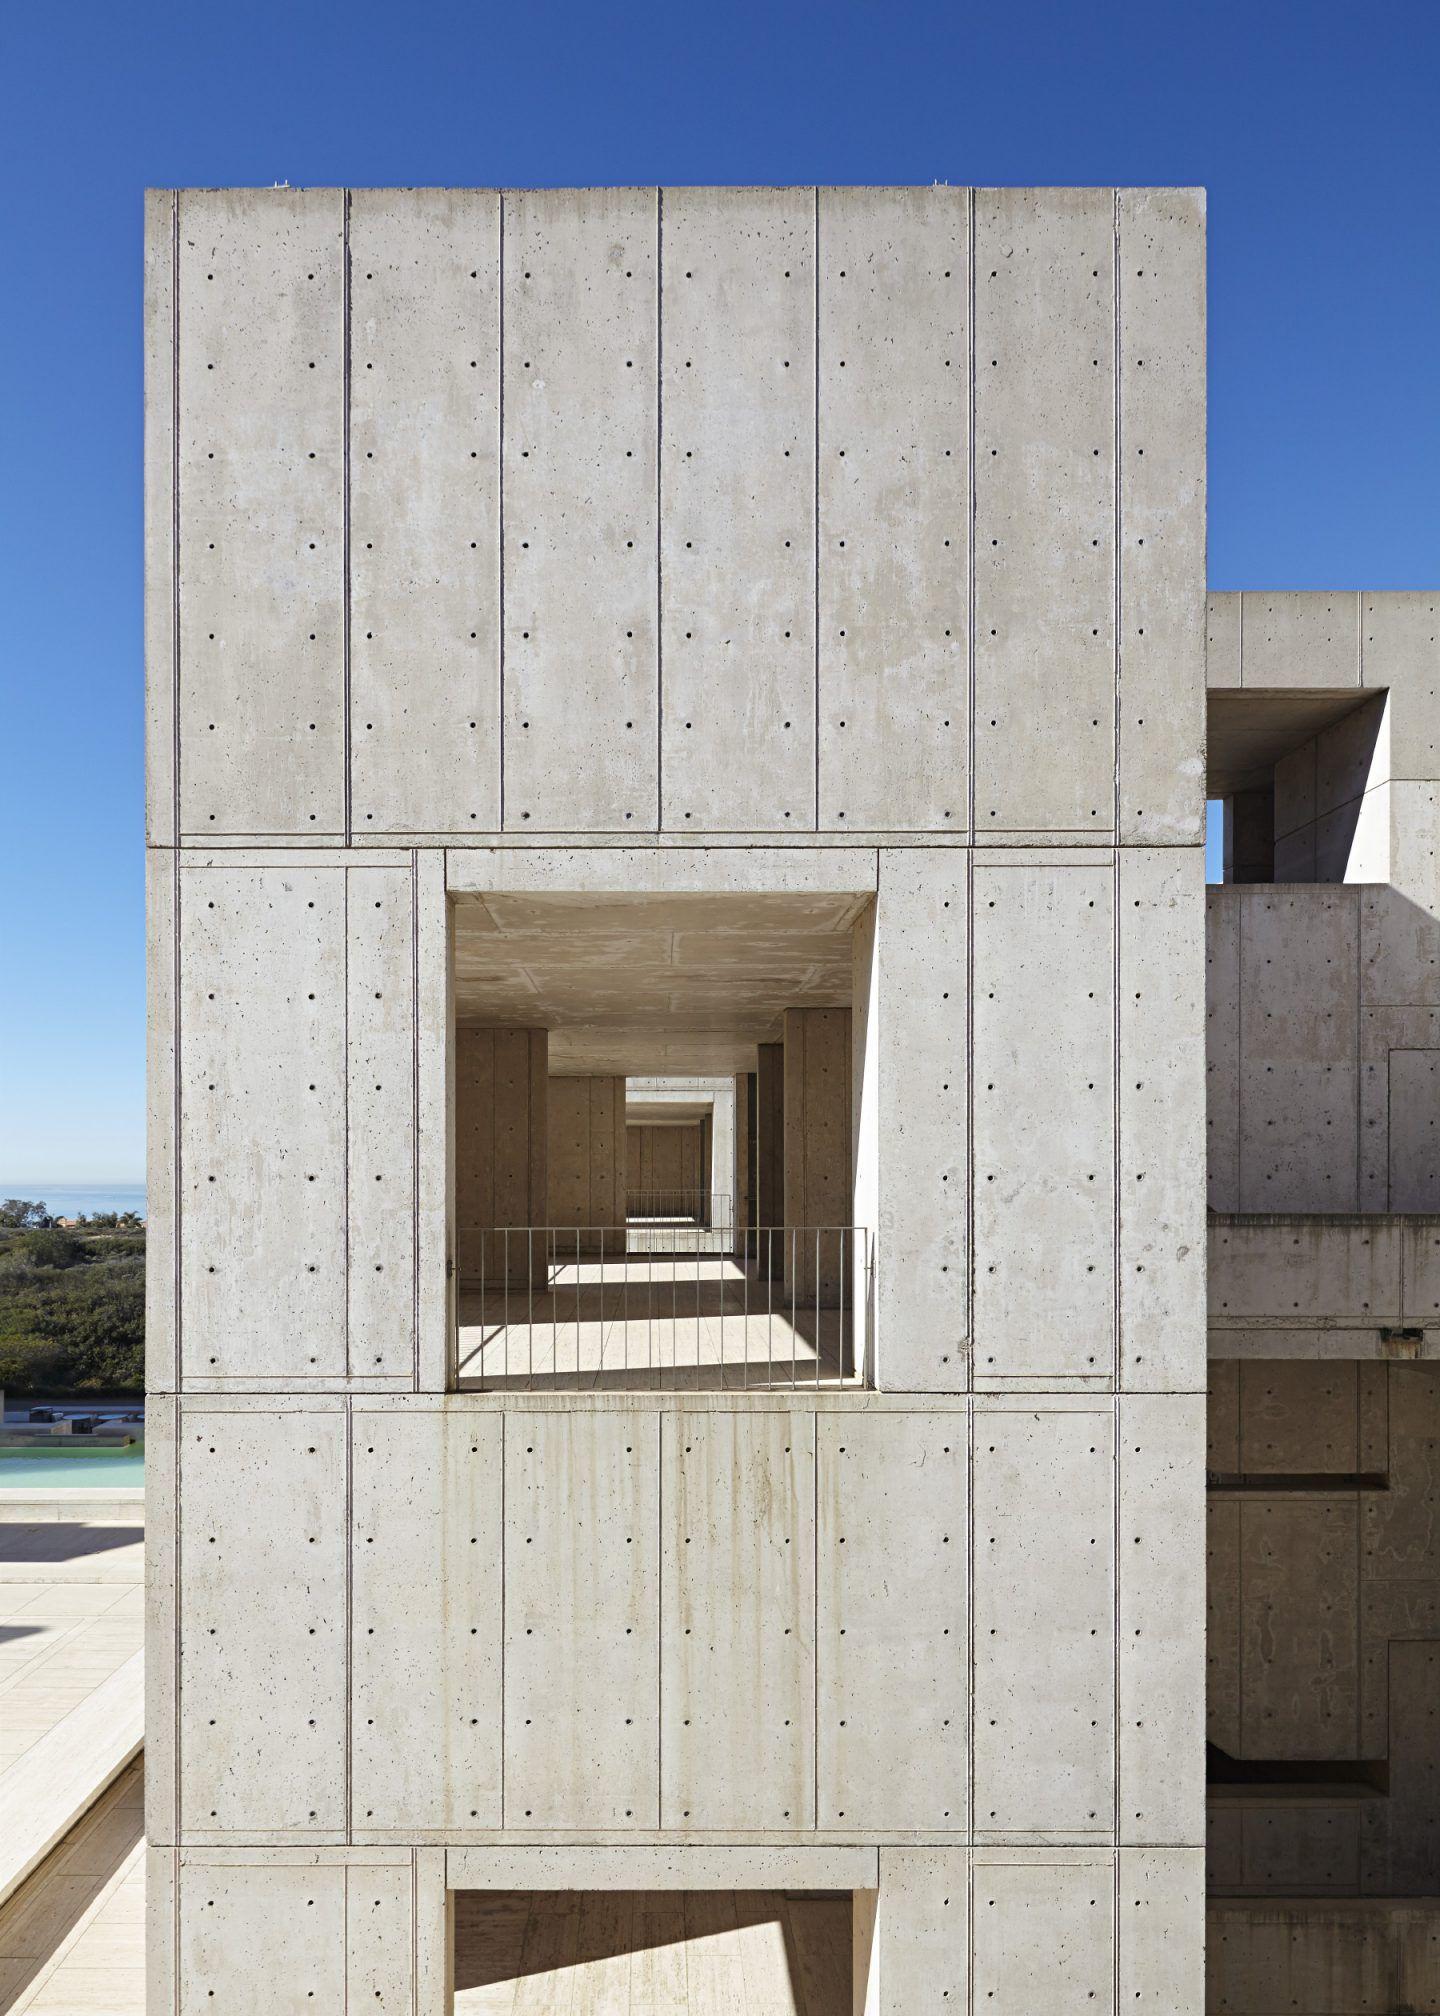 IGNANT-Architecture-Salk-Institute-Nils-Koenning-16